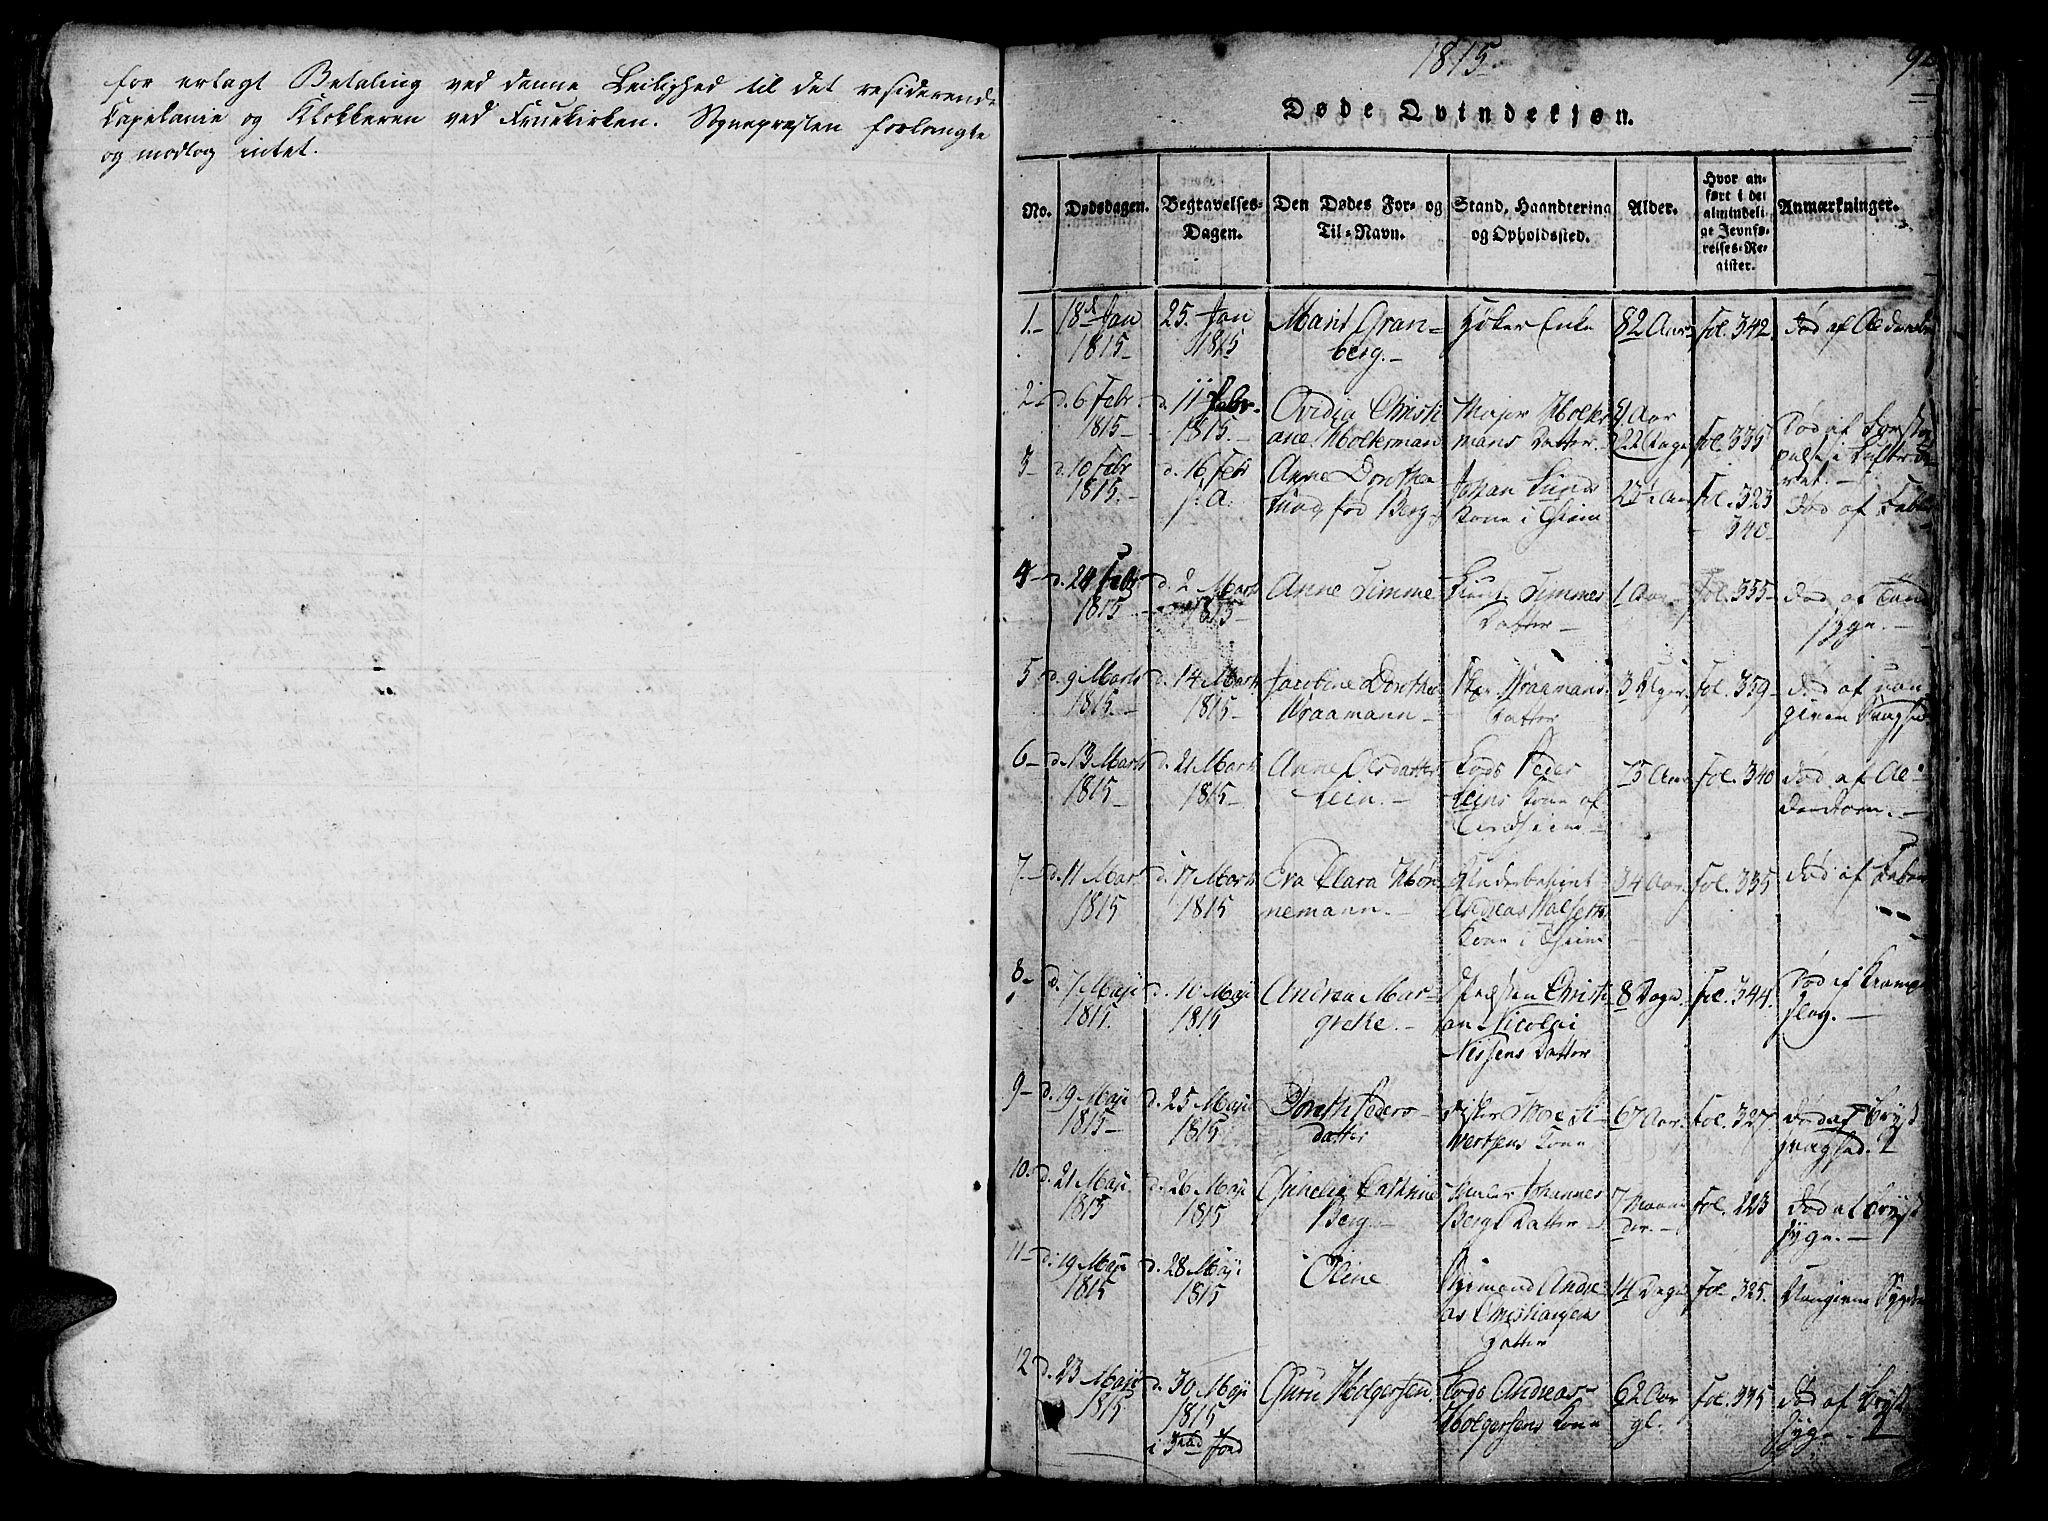 SAT, Ministerialprotokoller, klokkerbøker og fødselsregistre - Sør-Trøndelag, 602/L0135: Klokkerbok nr. 602C03, 1815-1832, s. 92